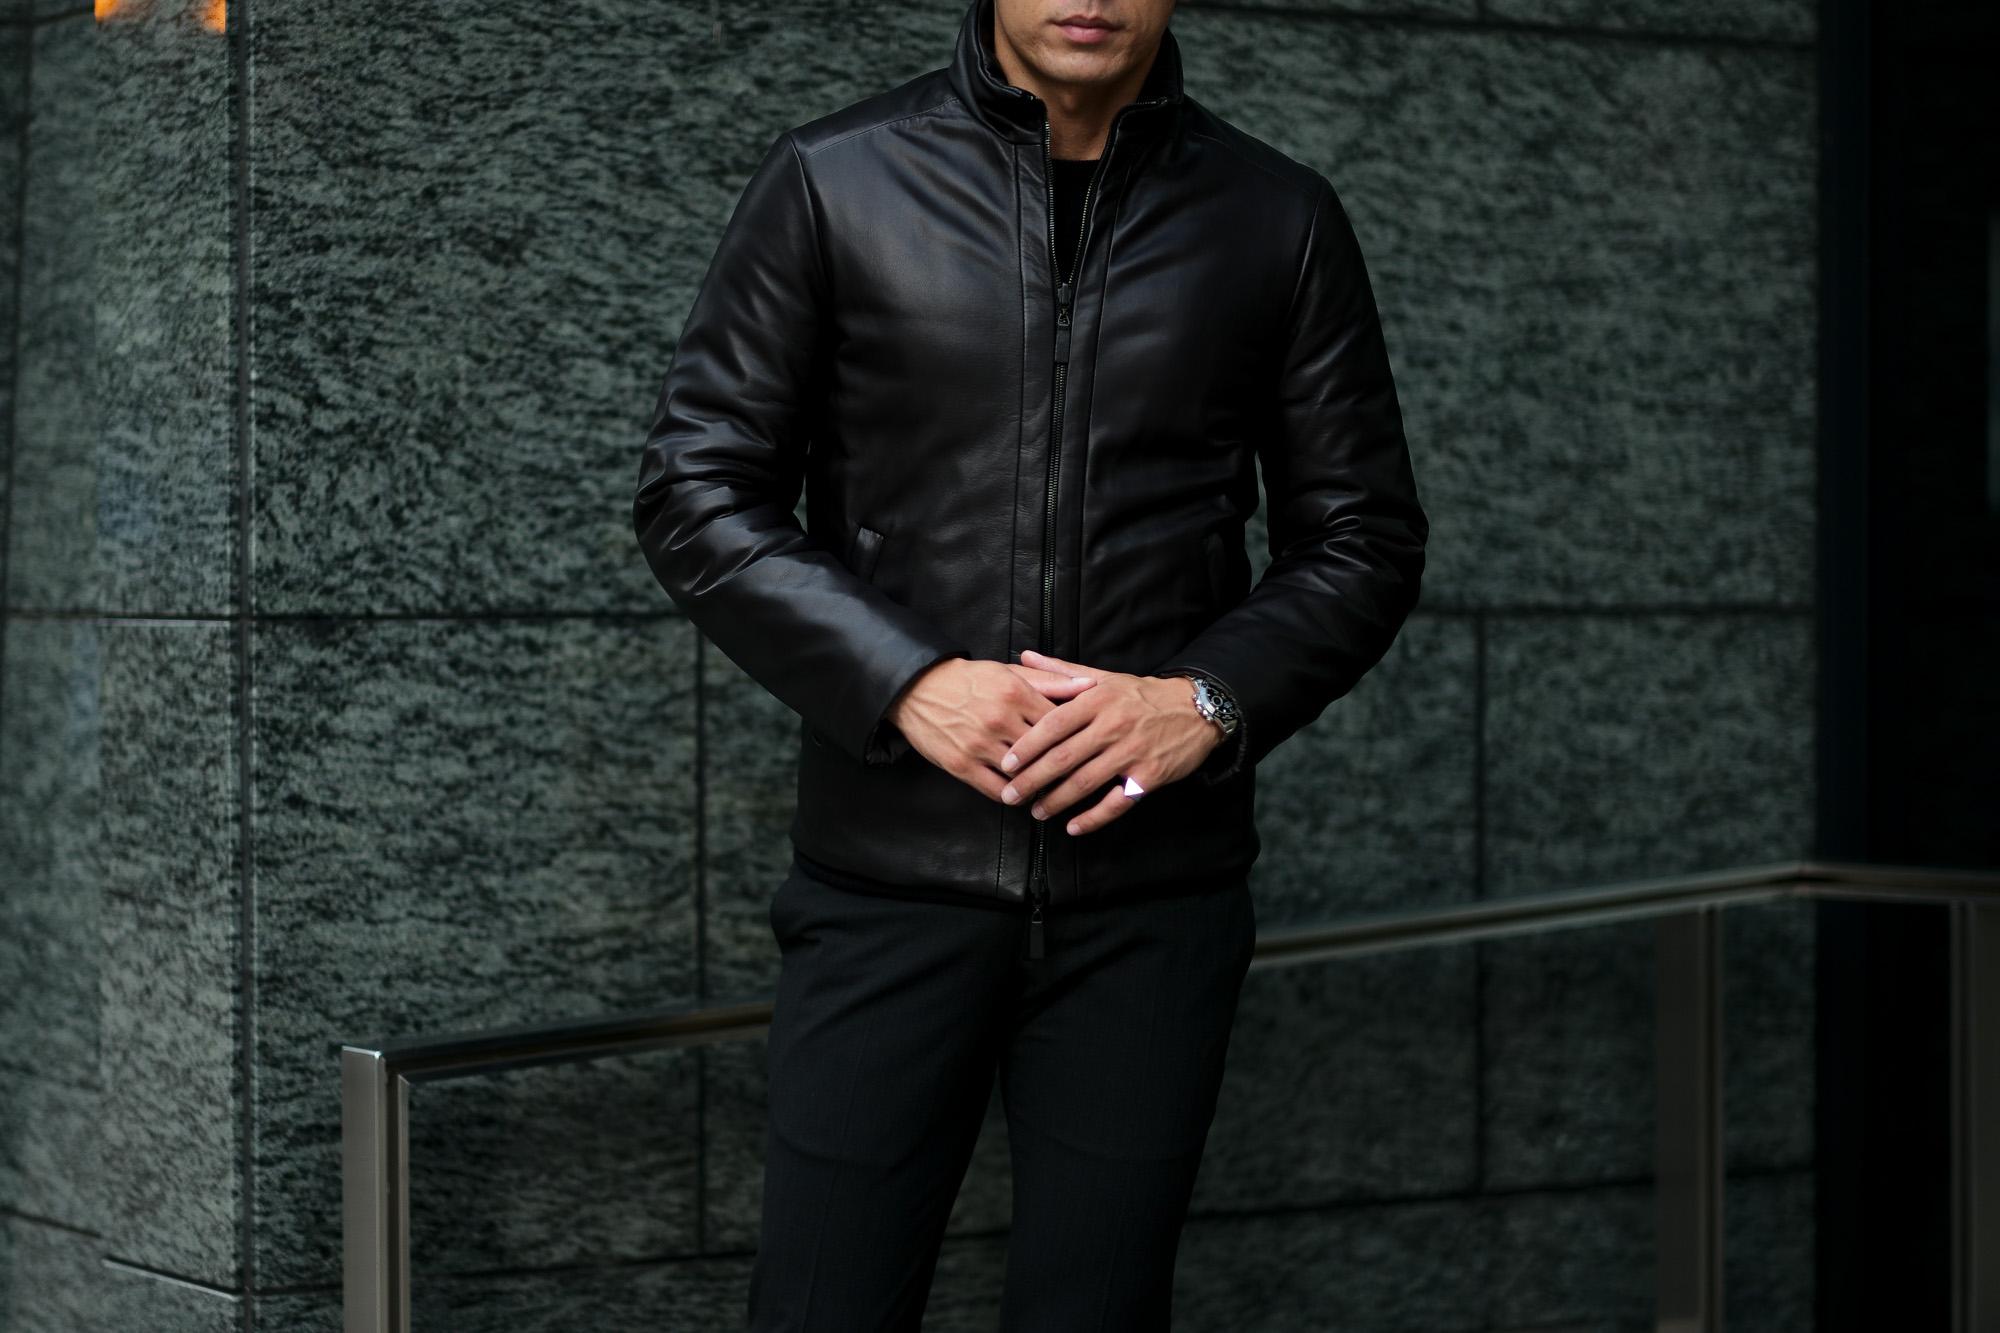 ALTACRUNA (アルタクルーナ) Reversible Leather Padded Jacket (リバーシブル レザー パデッド ジャケット) Lamb Leather (ラムレザー) レザー × ナイロン リバーシブル ジャケット NERO (ブラック・0010) Made in italy (イタリア製) 2020 秋冬新作 愛知 名古屋 Alto e Diritto アルトエデリット